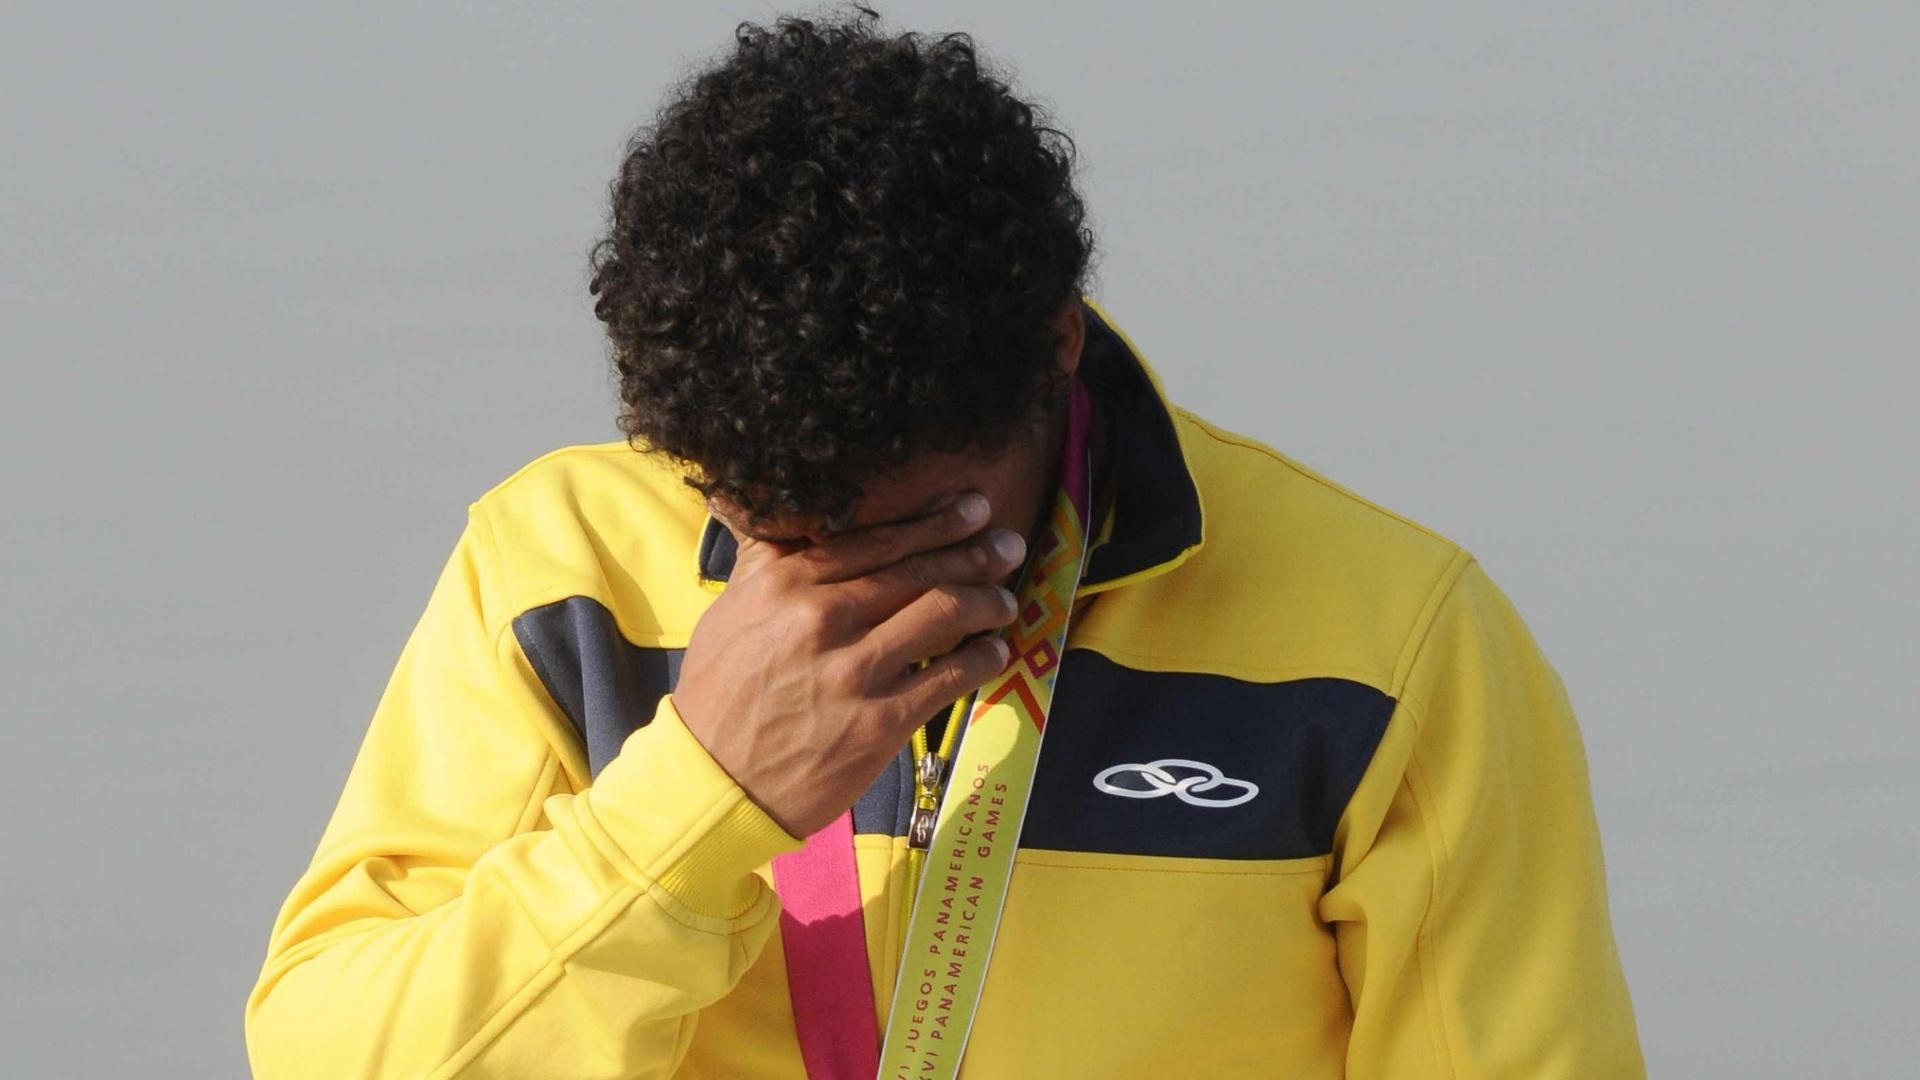 O brasileiro Nivalter Santos se emociona ao receber a medalha de prata na categoria C1 200 m, da canoagem (29/10/2011)